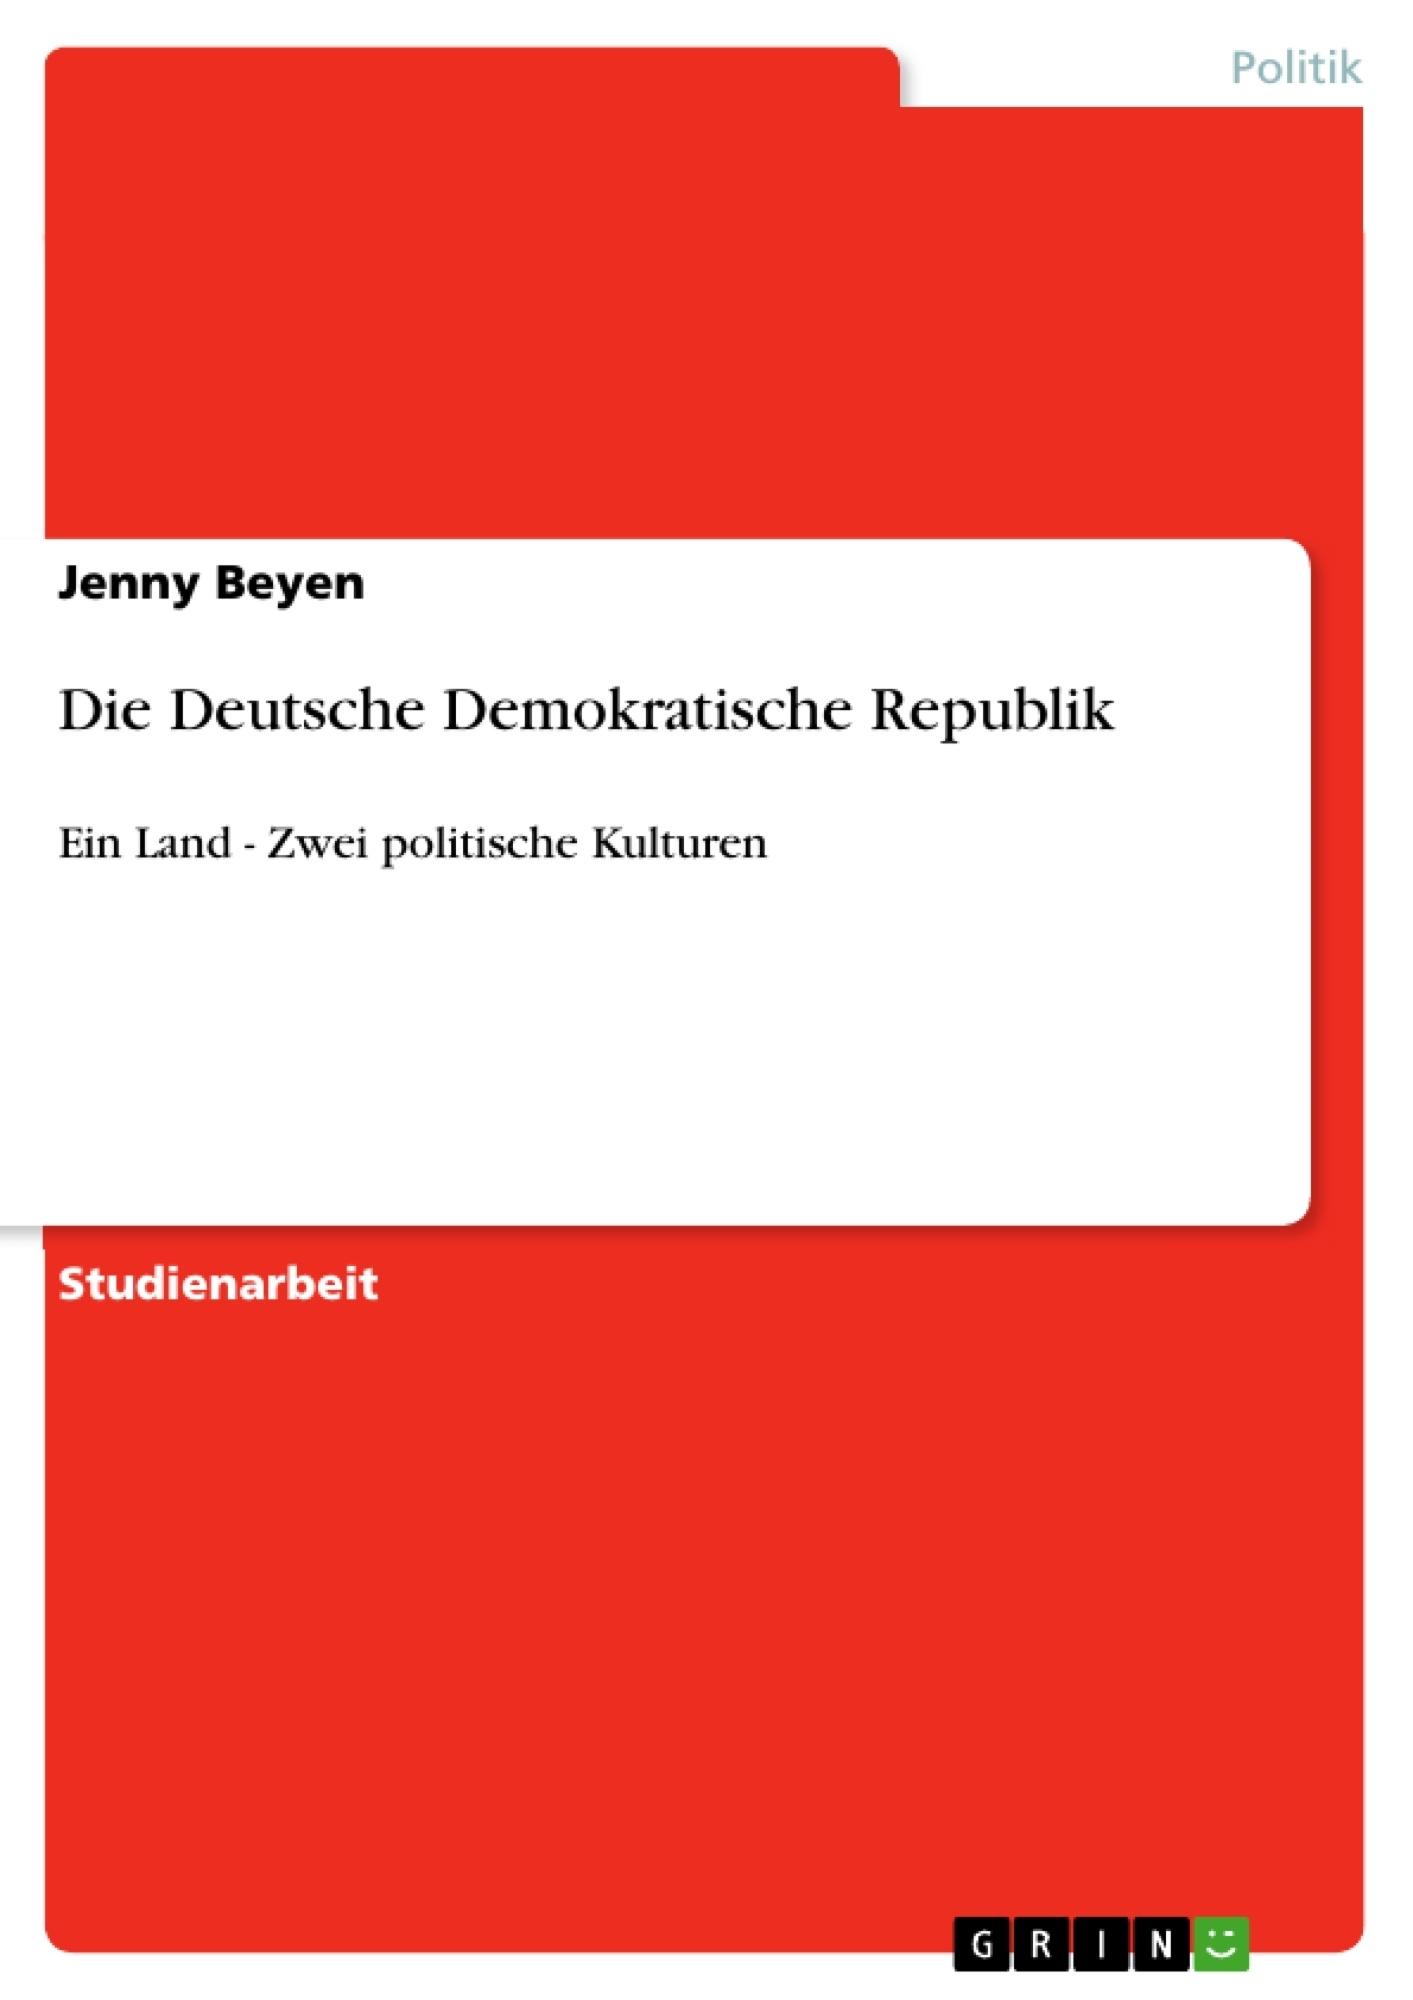 Titel: Die Deutsche Demokratische Republik